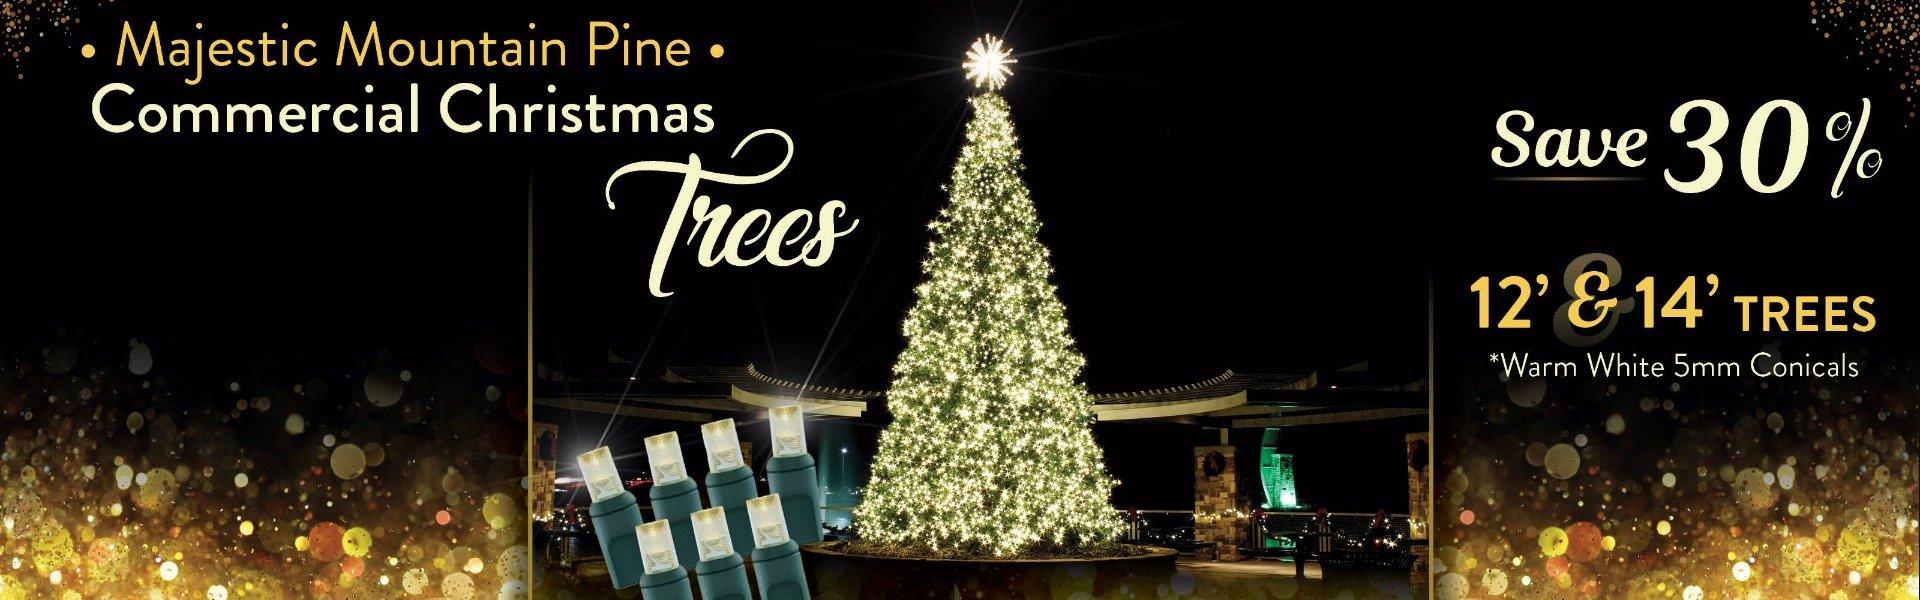 https://www.christmasdesigners.com/media/wysiwyg/12_14_Trees_30_off_Slider_New_Website_250.jpg